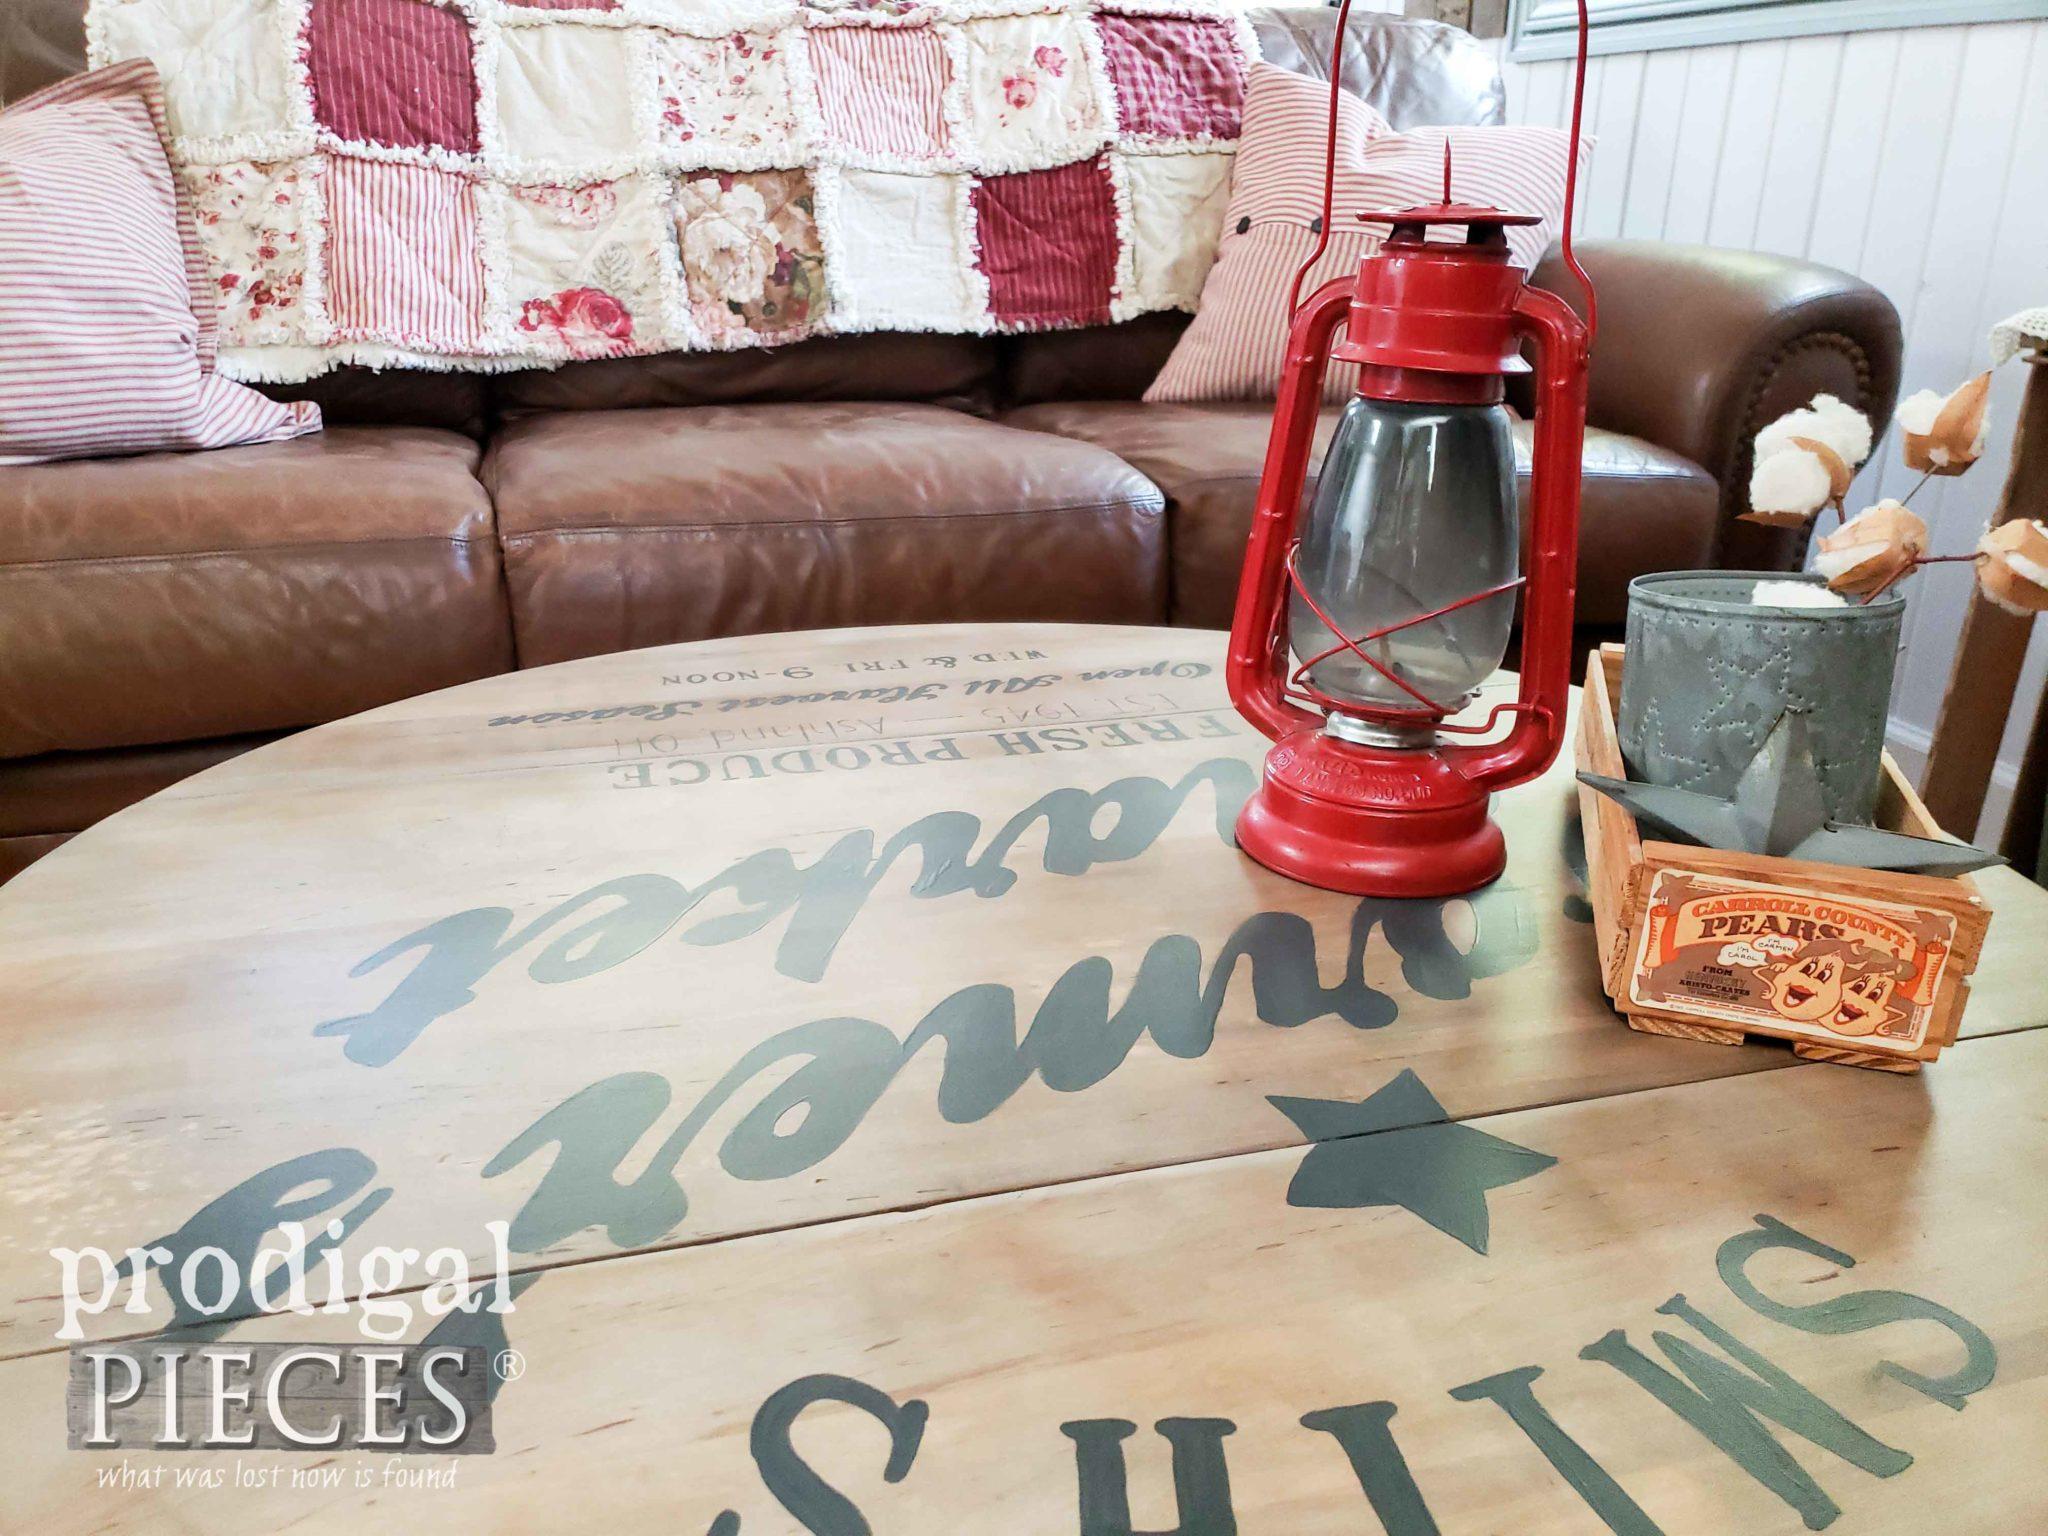 Cozy Farmhouse Living Room with DIY Decor by Larissa of Prodigal Pieces | prodigalpieces.com #prodigalpieces #diy #home #homedecor #furniture